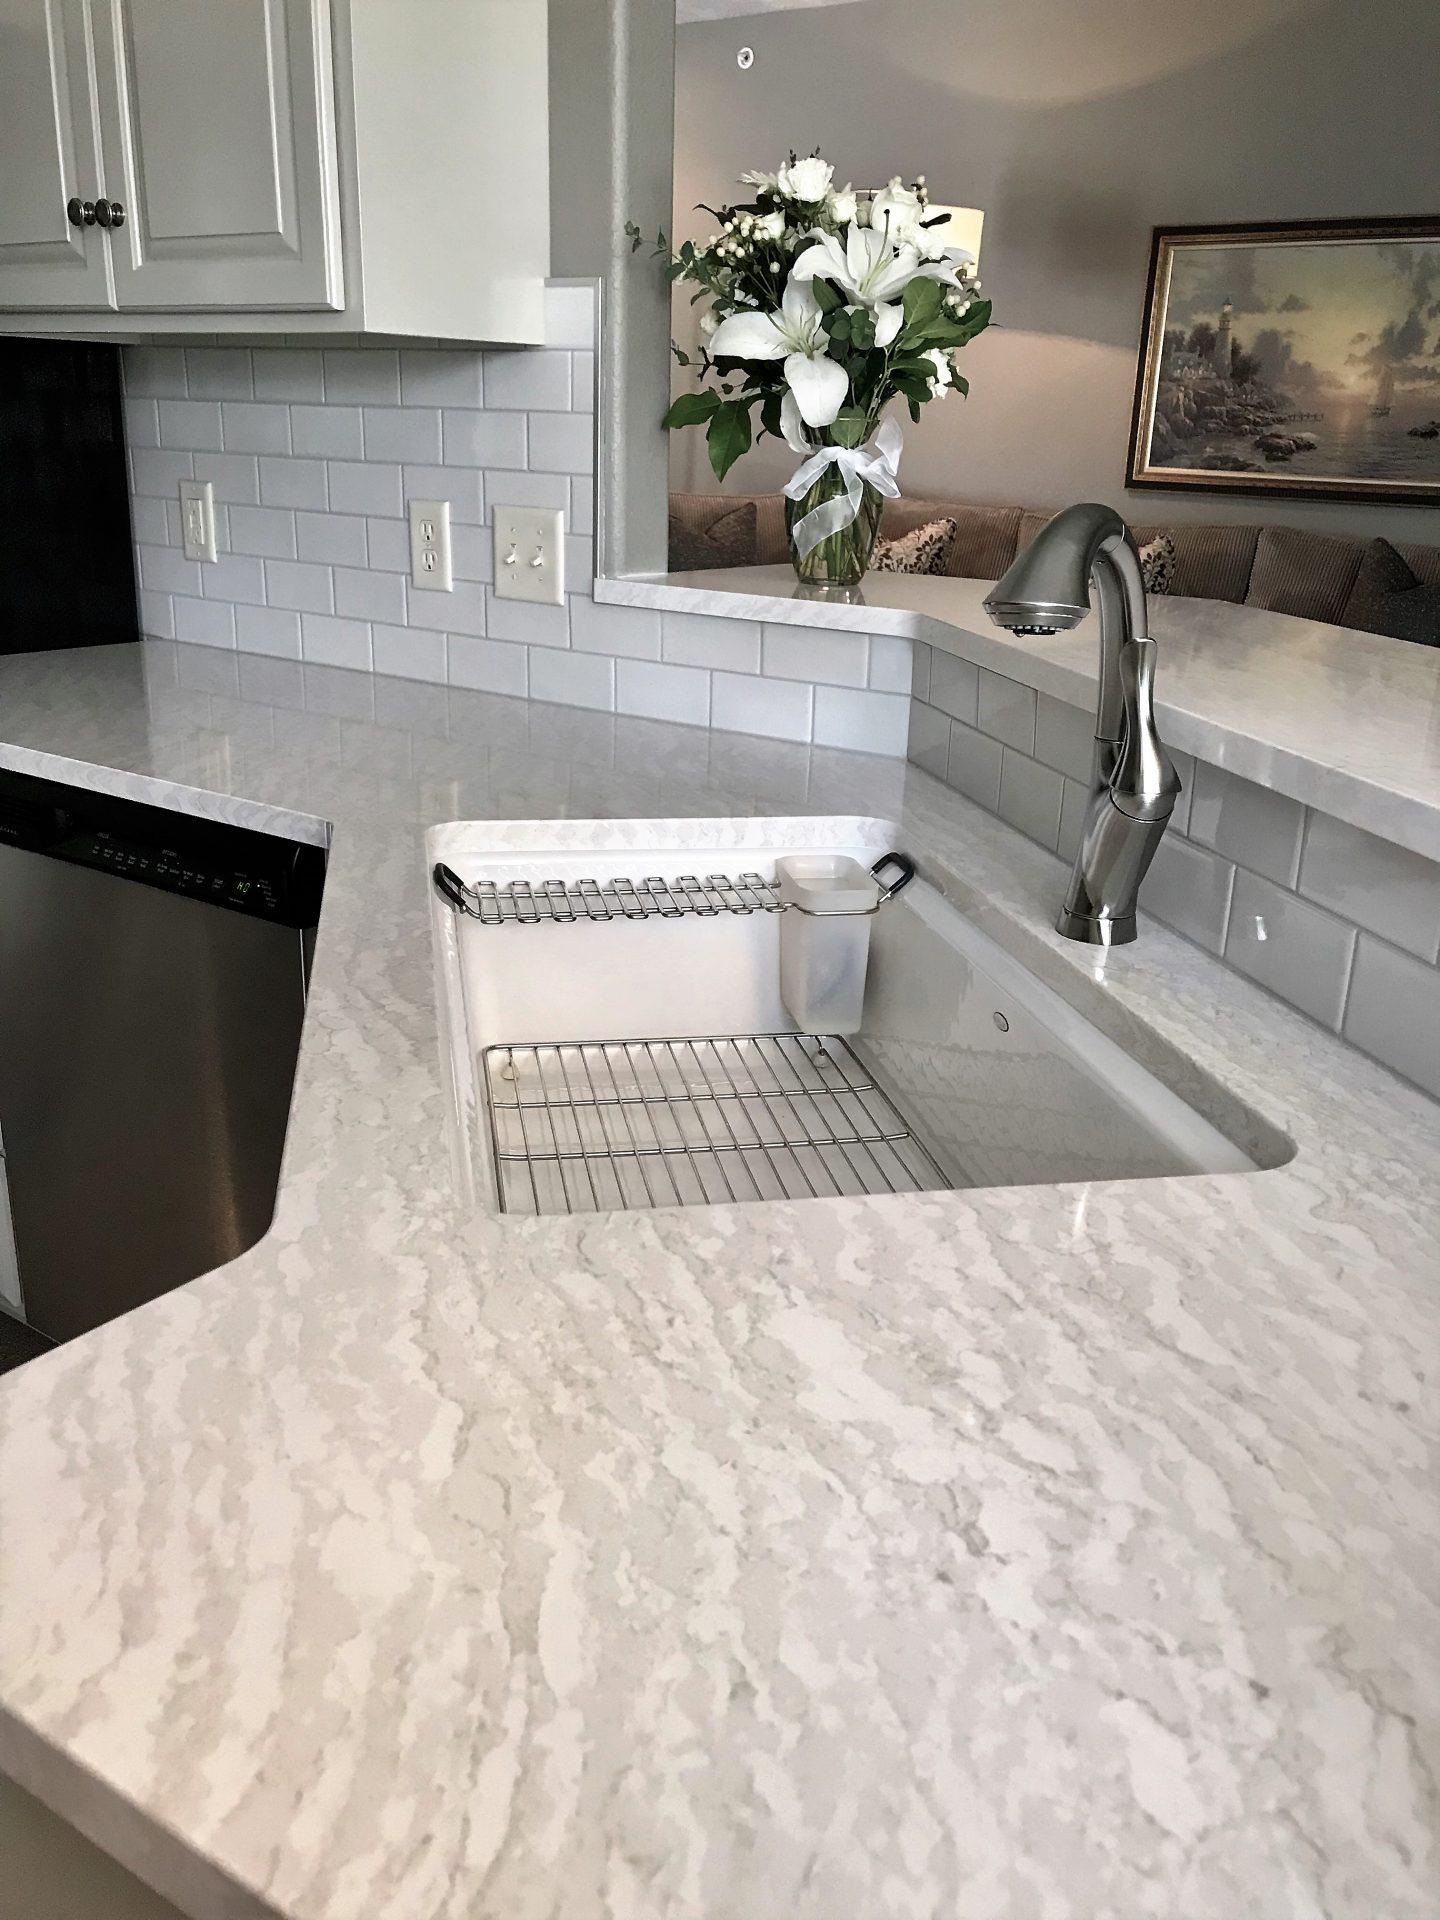 - Cambria Quartz Countertops - Creative Surfaces Countertops & Tile